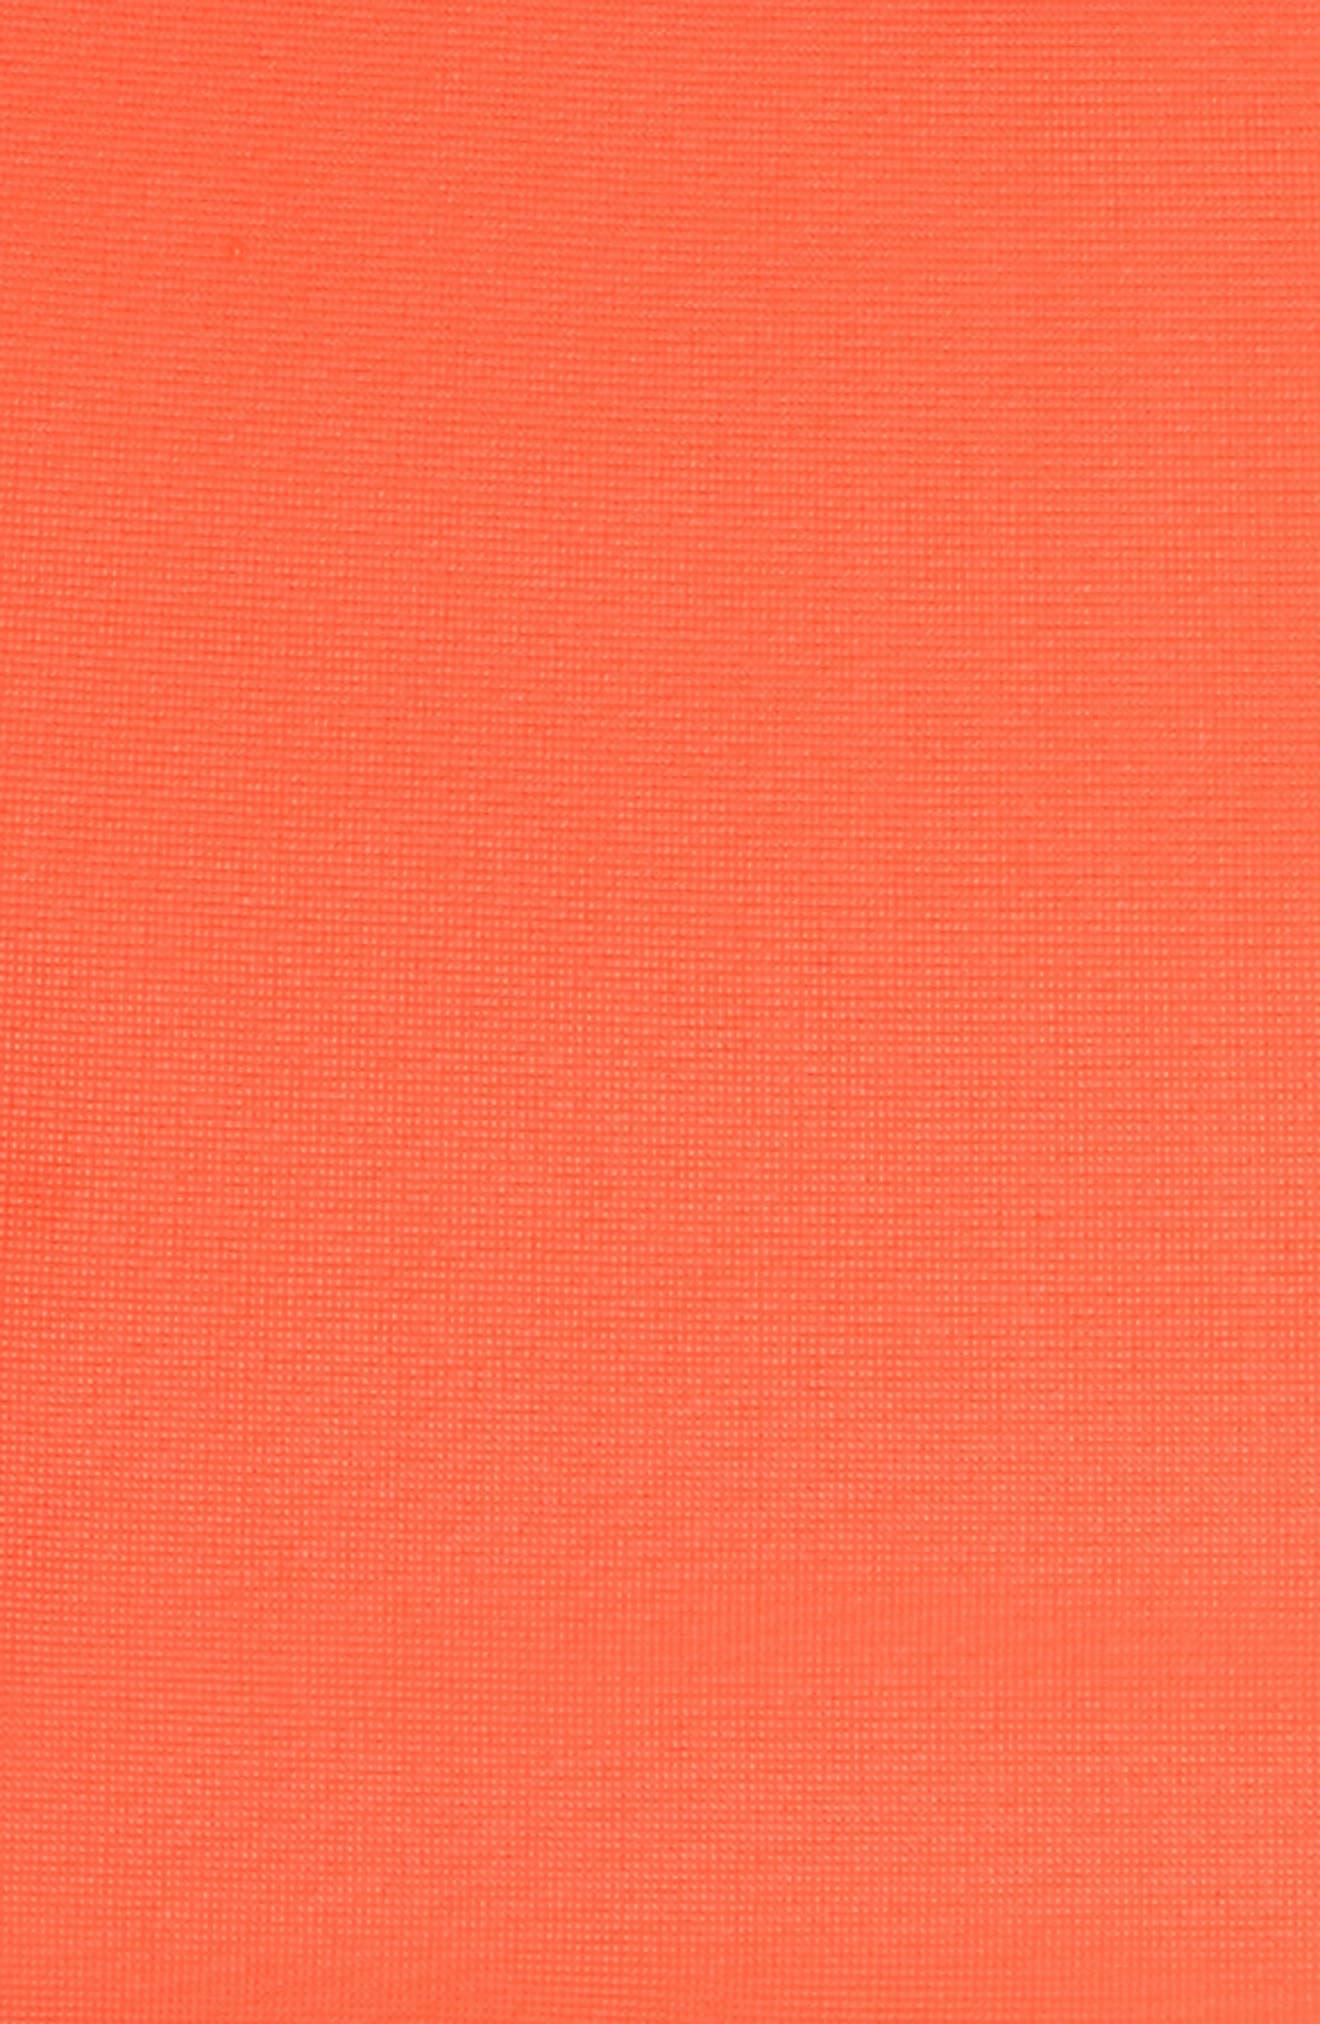 Skim Bikini Top,                             Alternate thumbnail 5, color,                             800